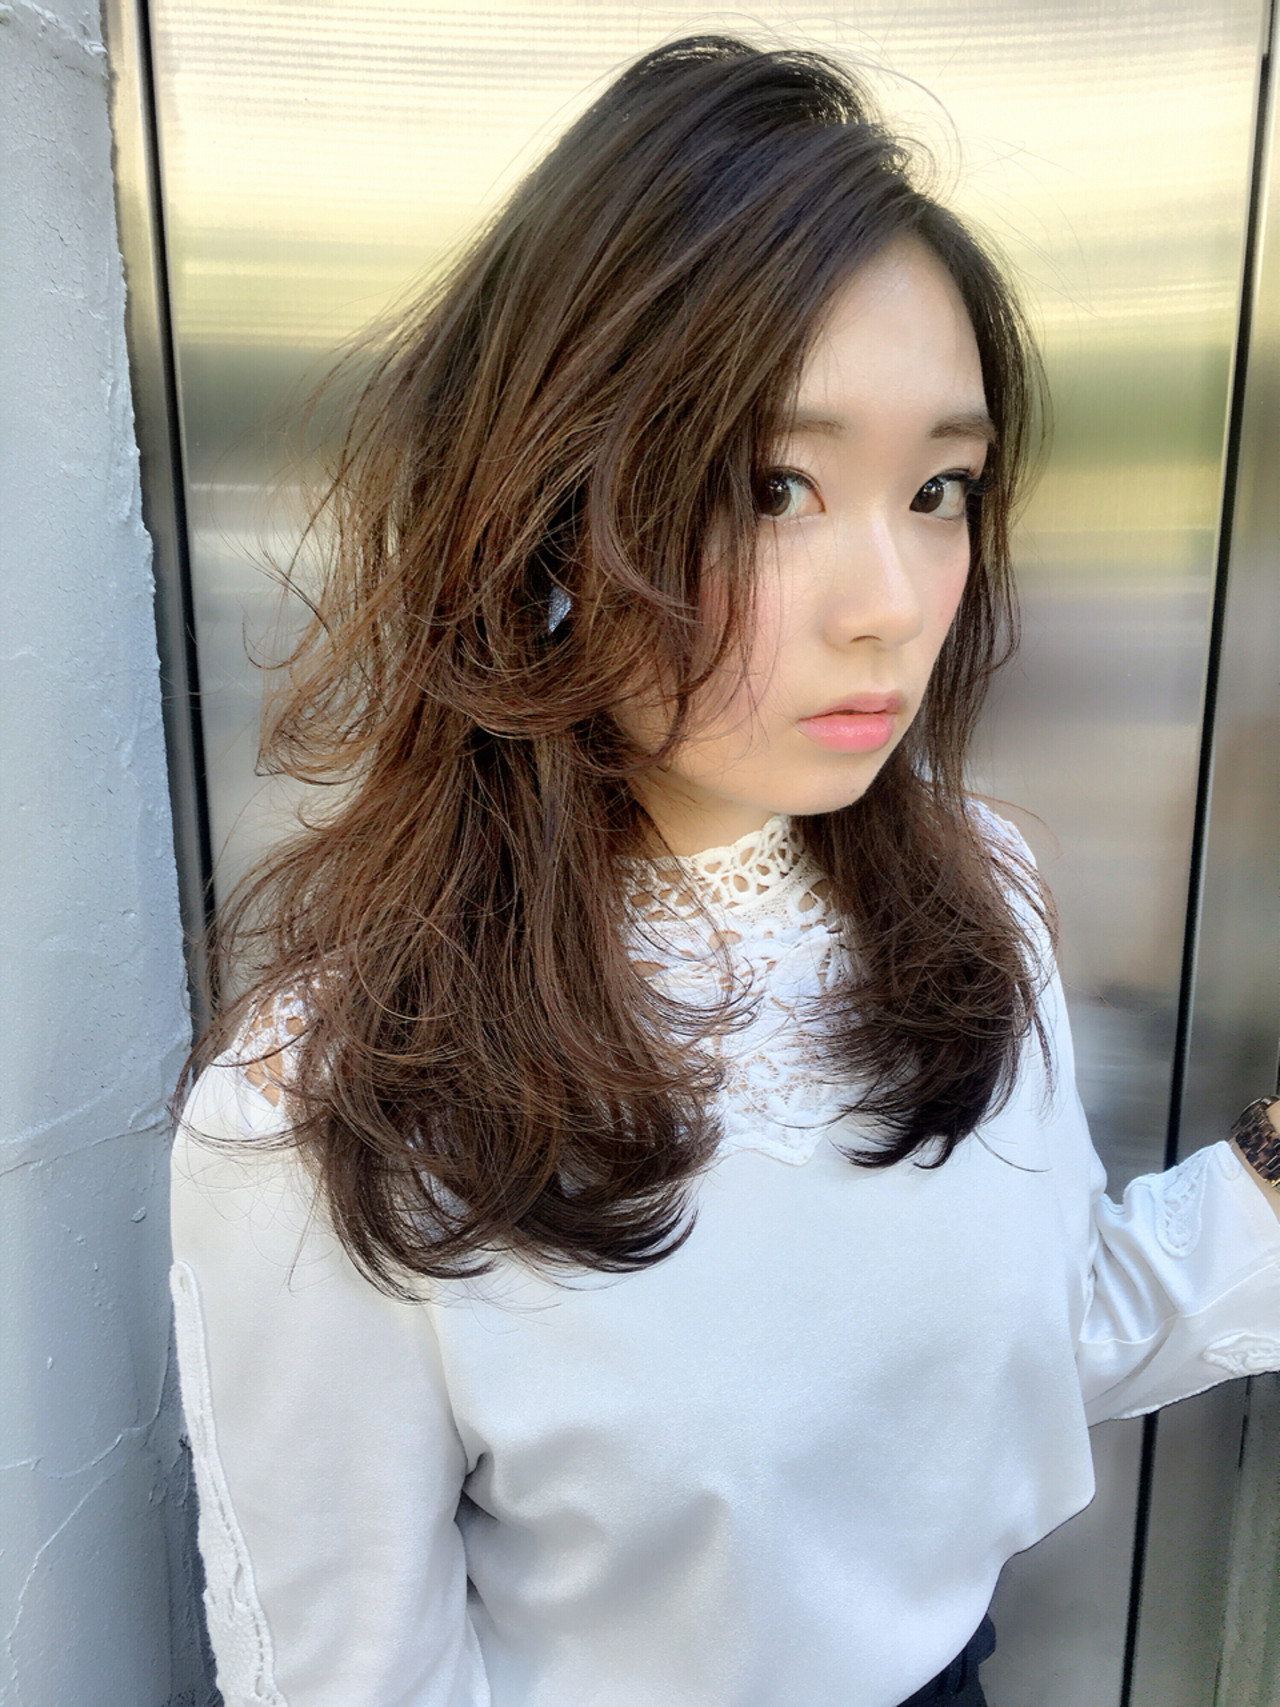 フェミニン ロング グラデーションカラー アッシュ ヘアスタイルや髪型の写真・画像 | 橋口 武史 RBY blanc / RBY blanc